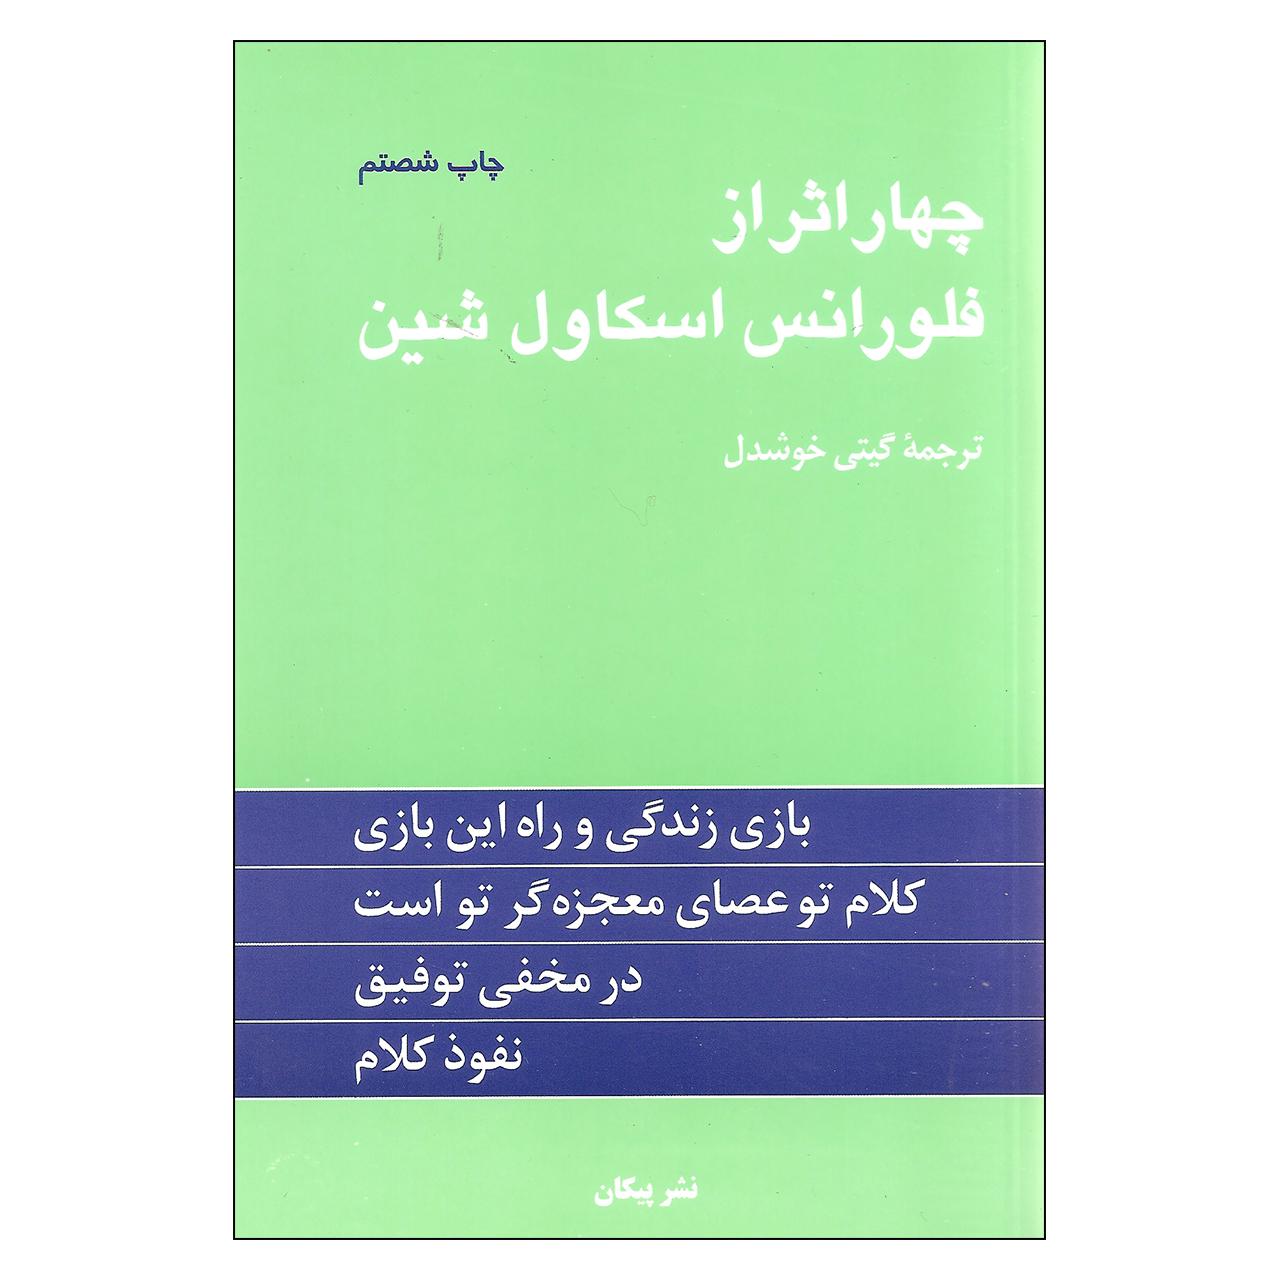 کتاب چهار اثر از فلورانس اسکاول شین اثر اسکاول شین نشر پیکان